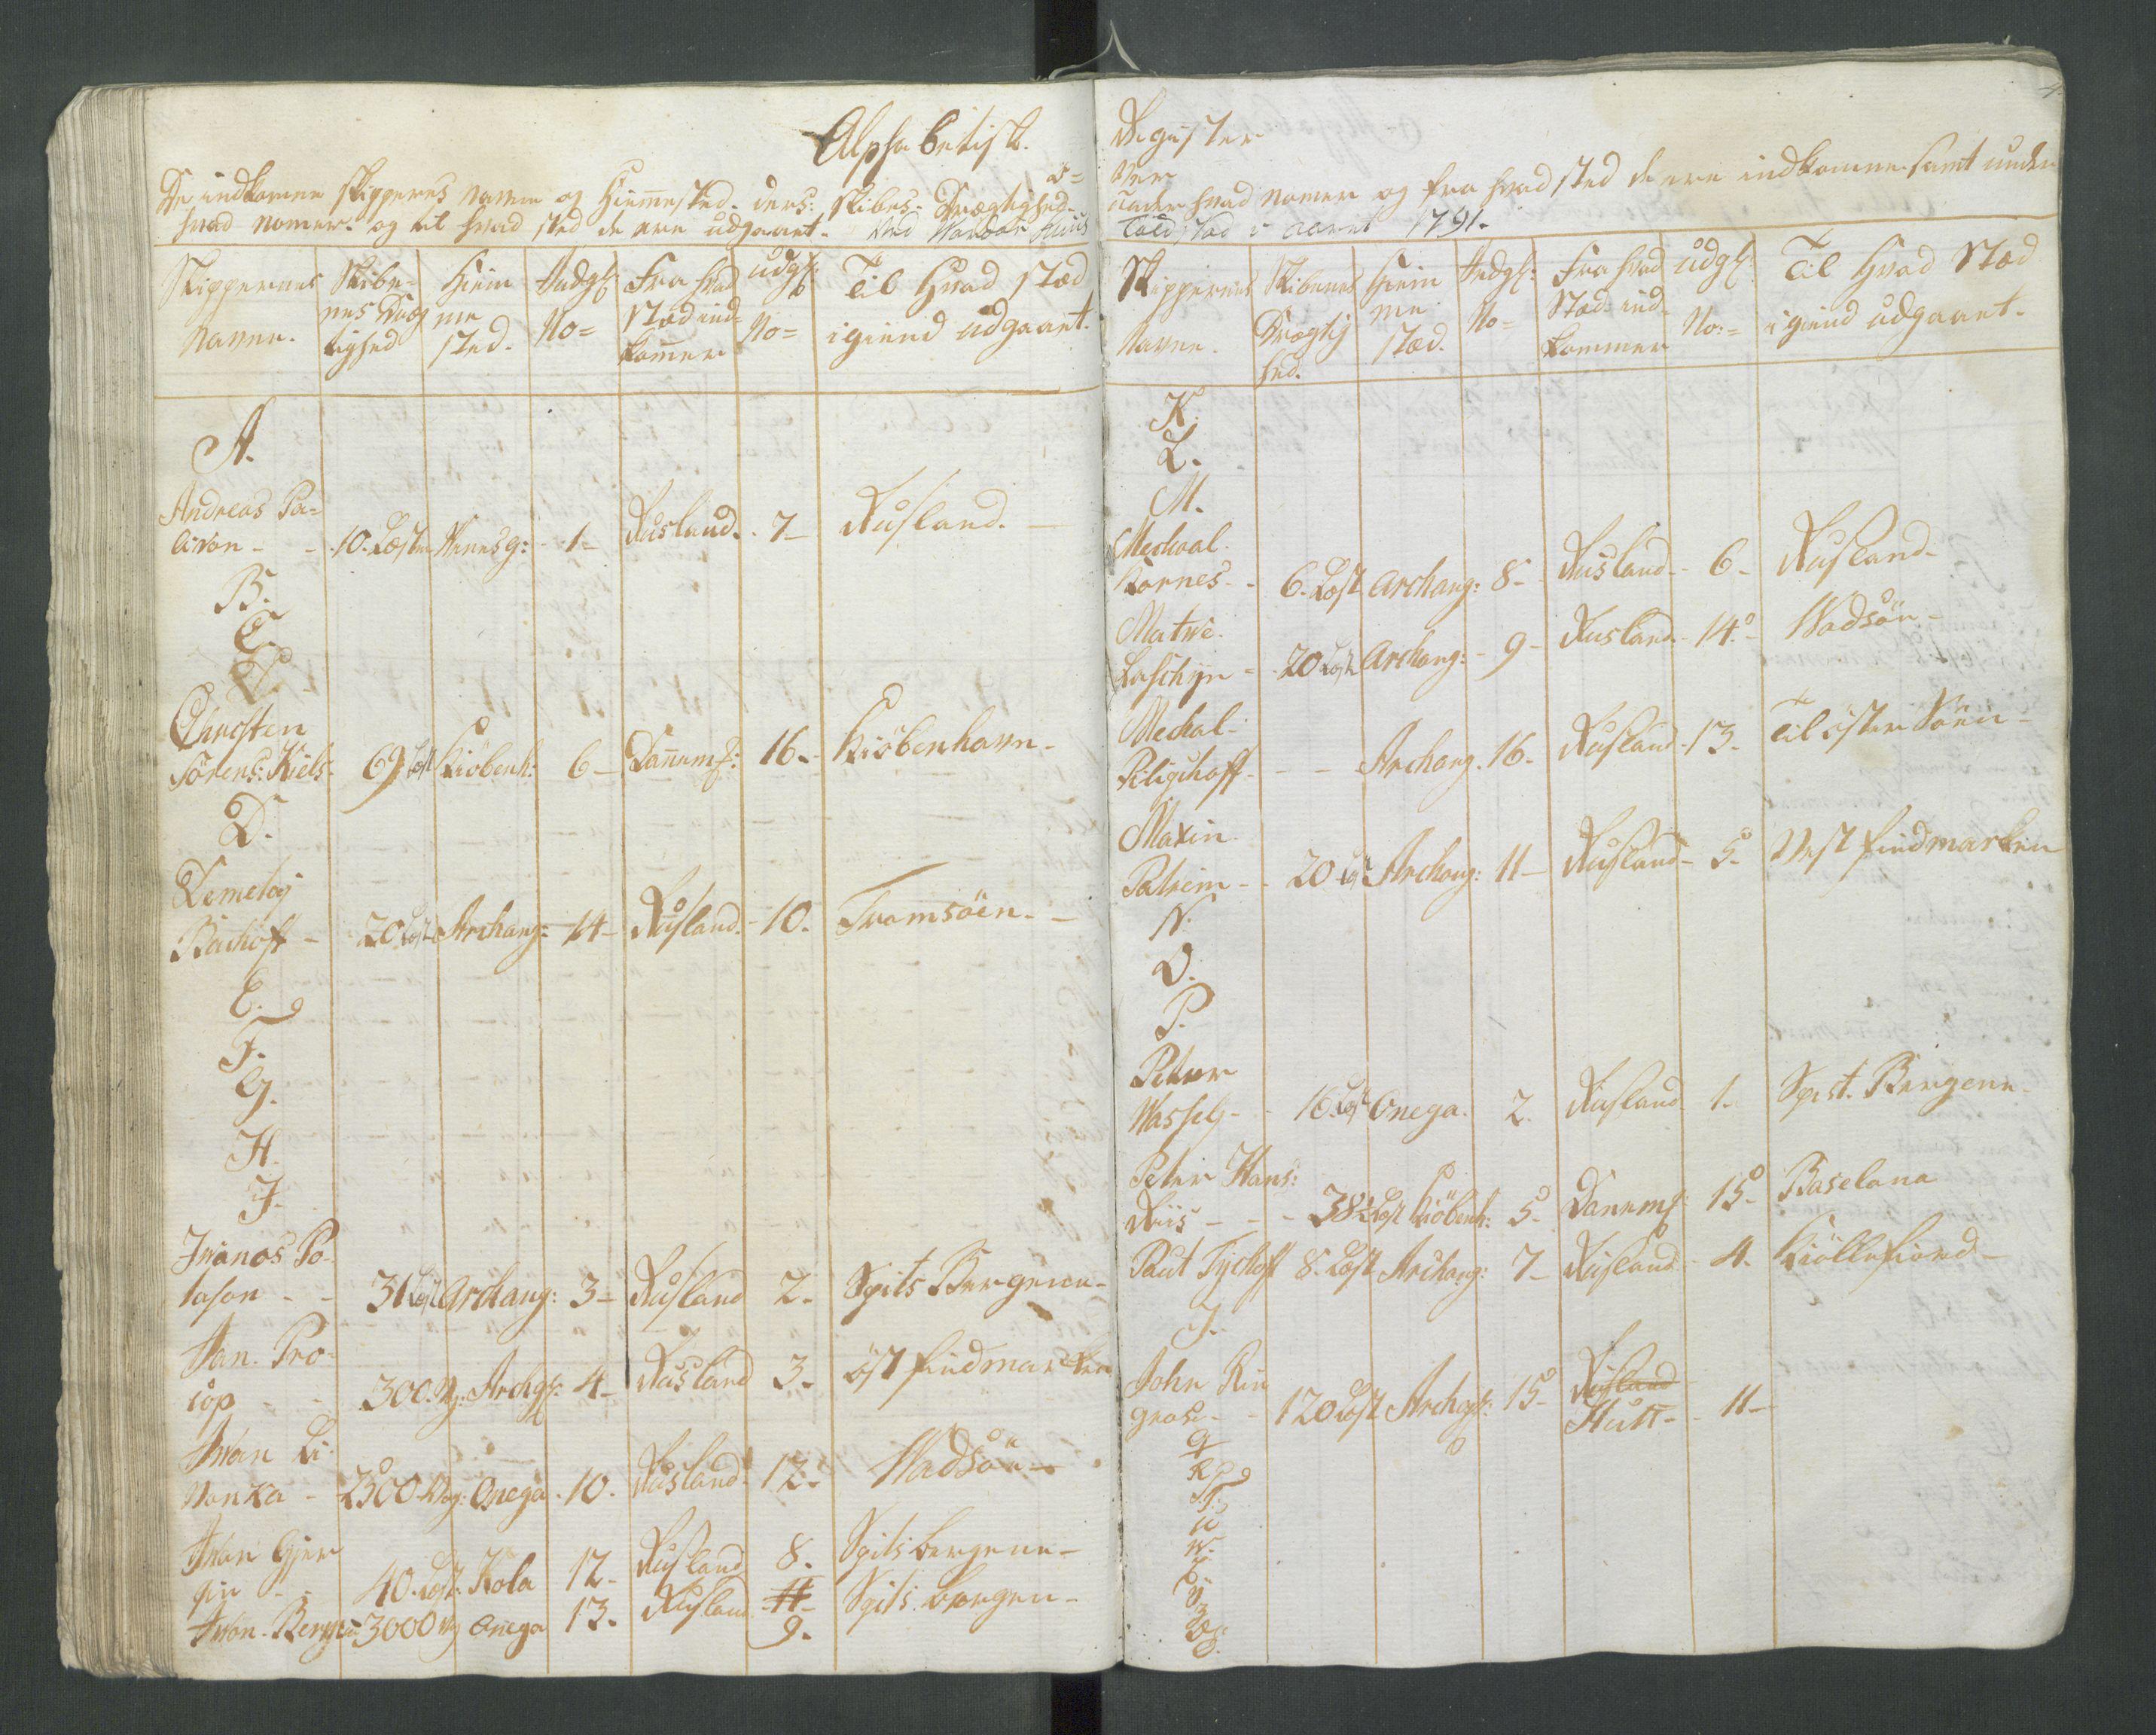 RA, Generaltollkammeret, tollregnskaper, R37/L0001: Tollregnskaper Vardø, 1789-1794, s. 43b-44a